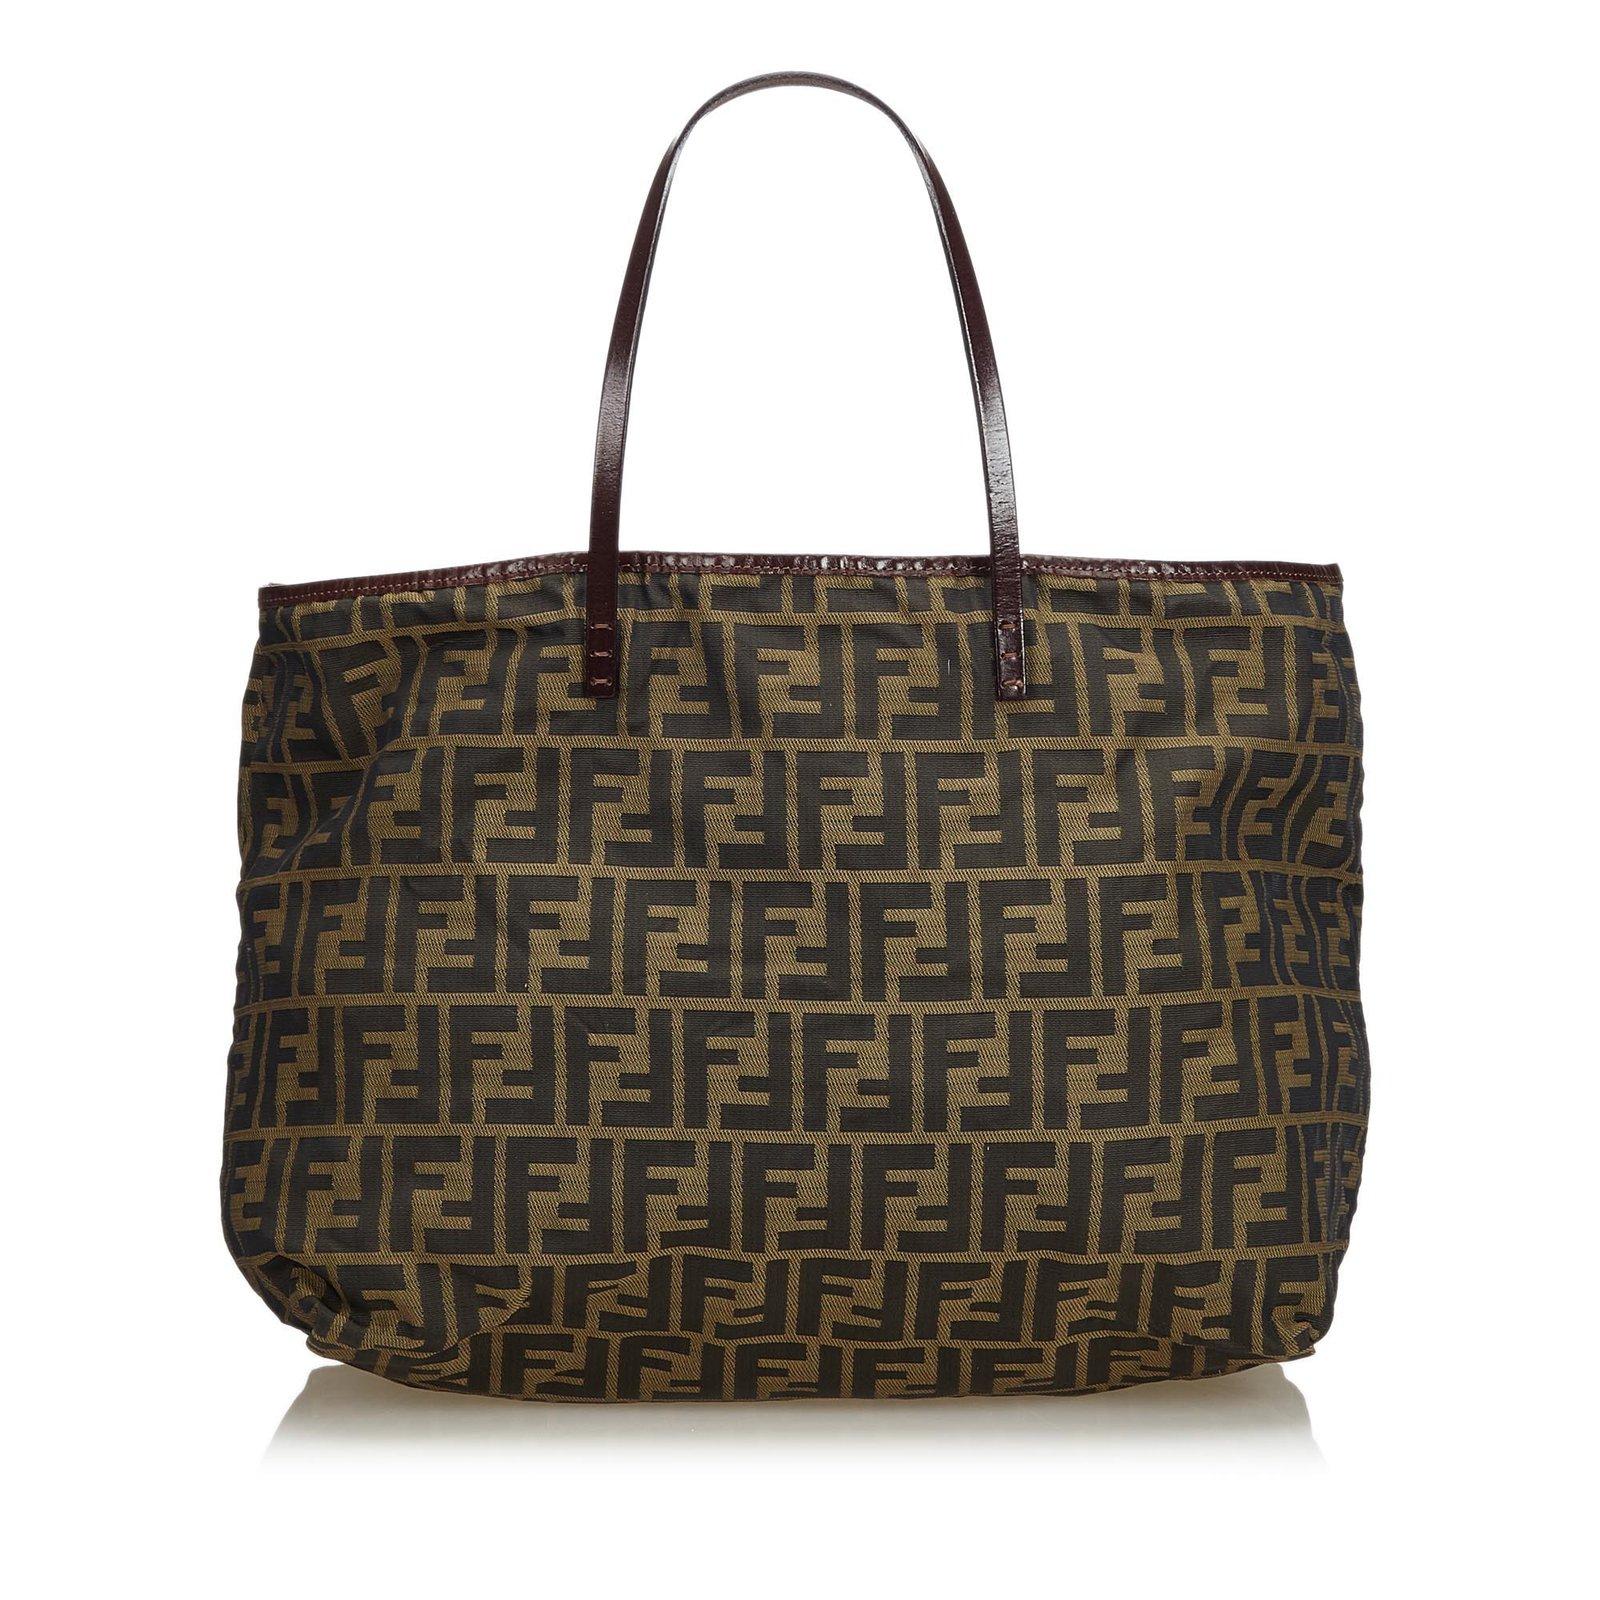 37a2a1b9a620 Fendi Zucca Jacquard Tote Bag Totes Leather